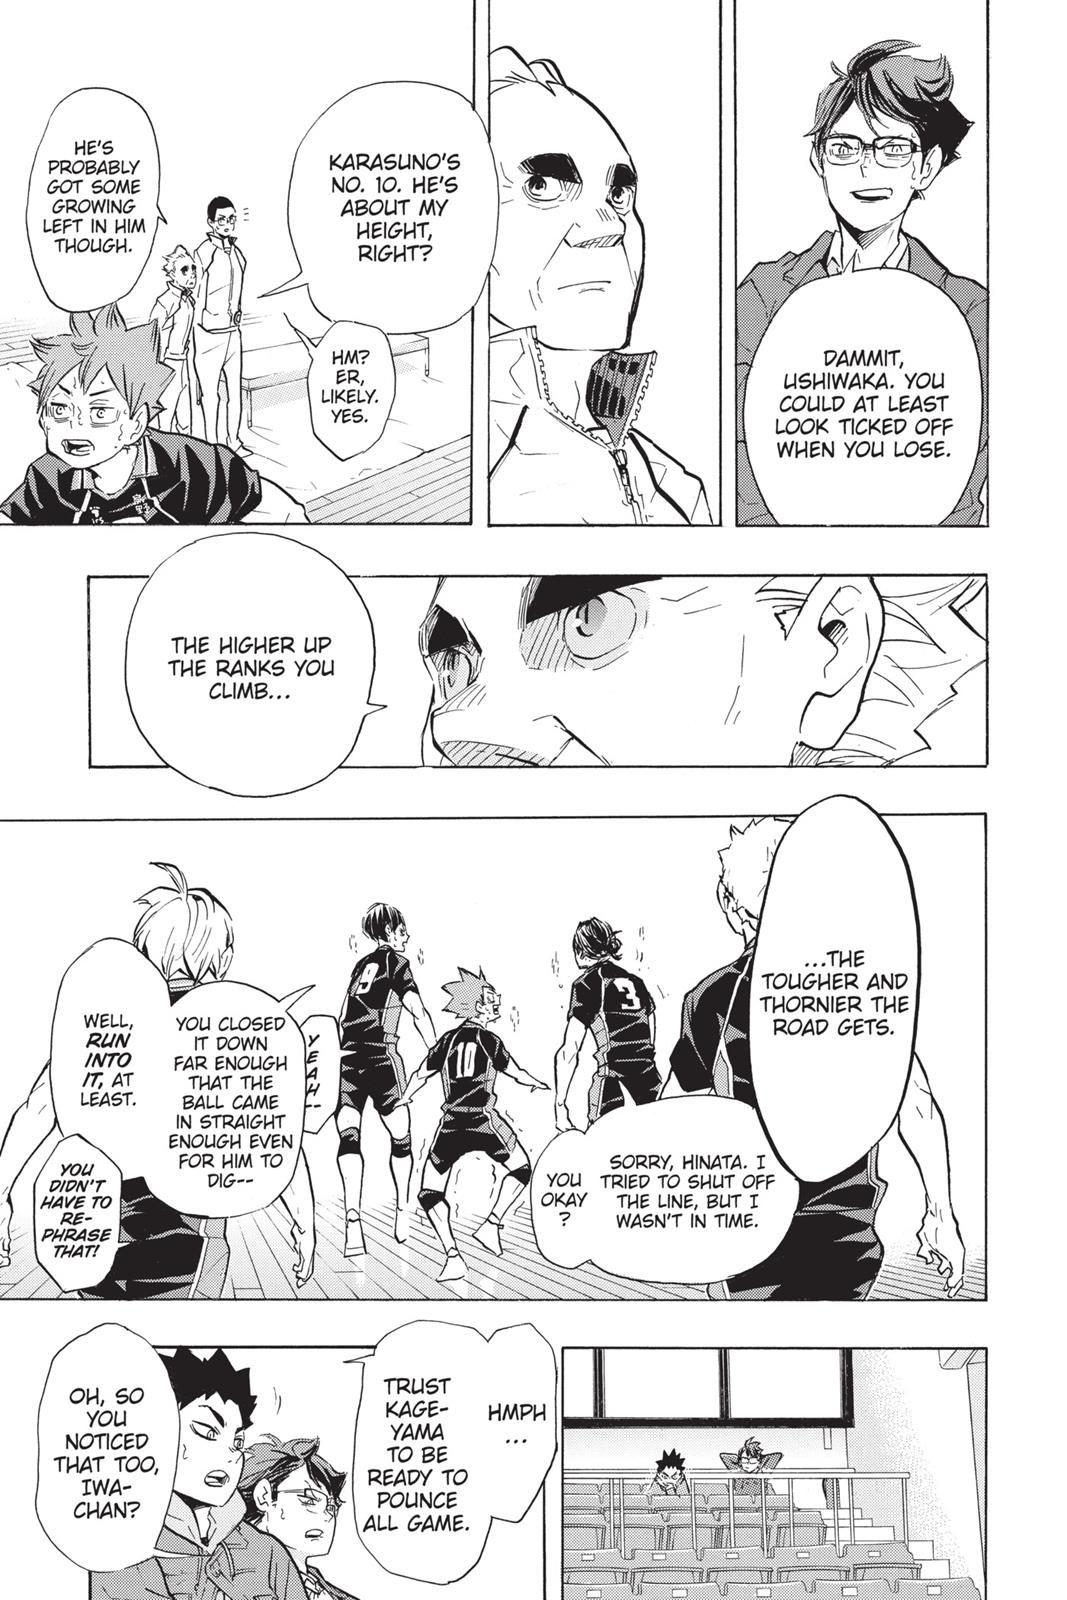 Haikyuu chapter 189 read haikyuu manga online